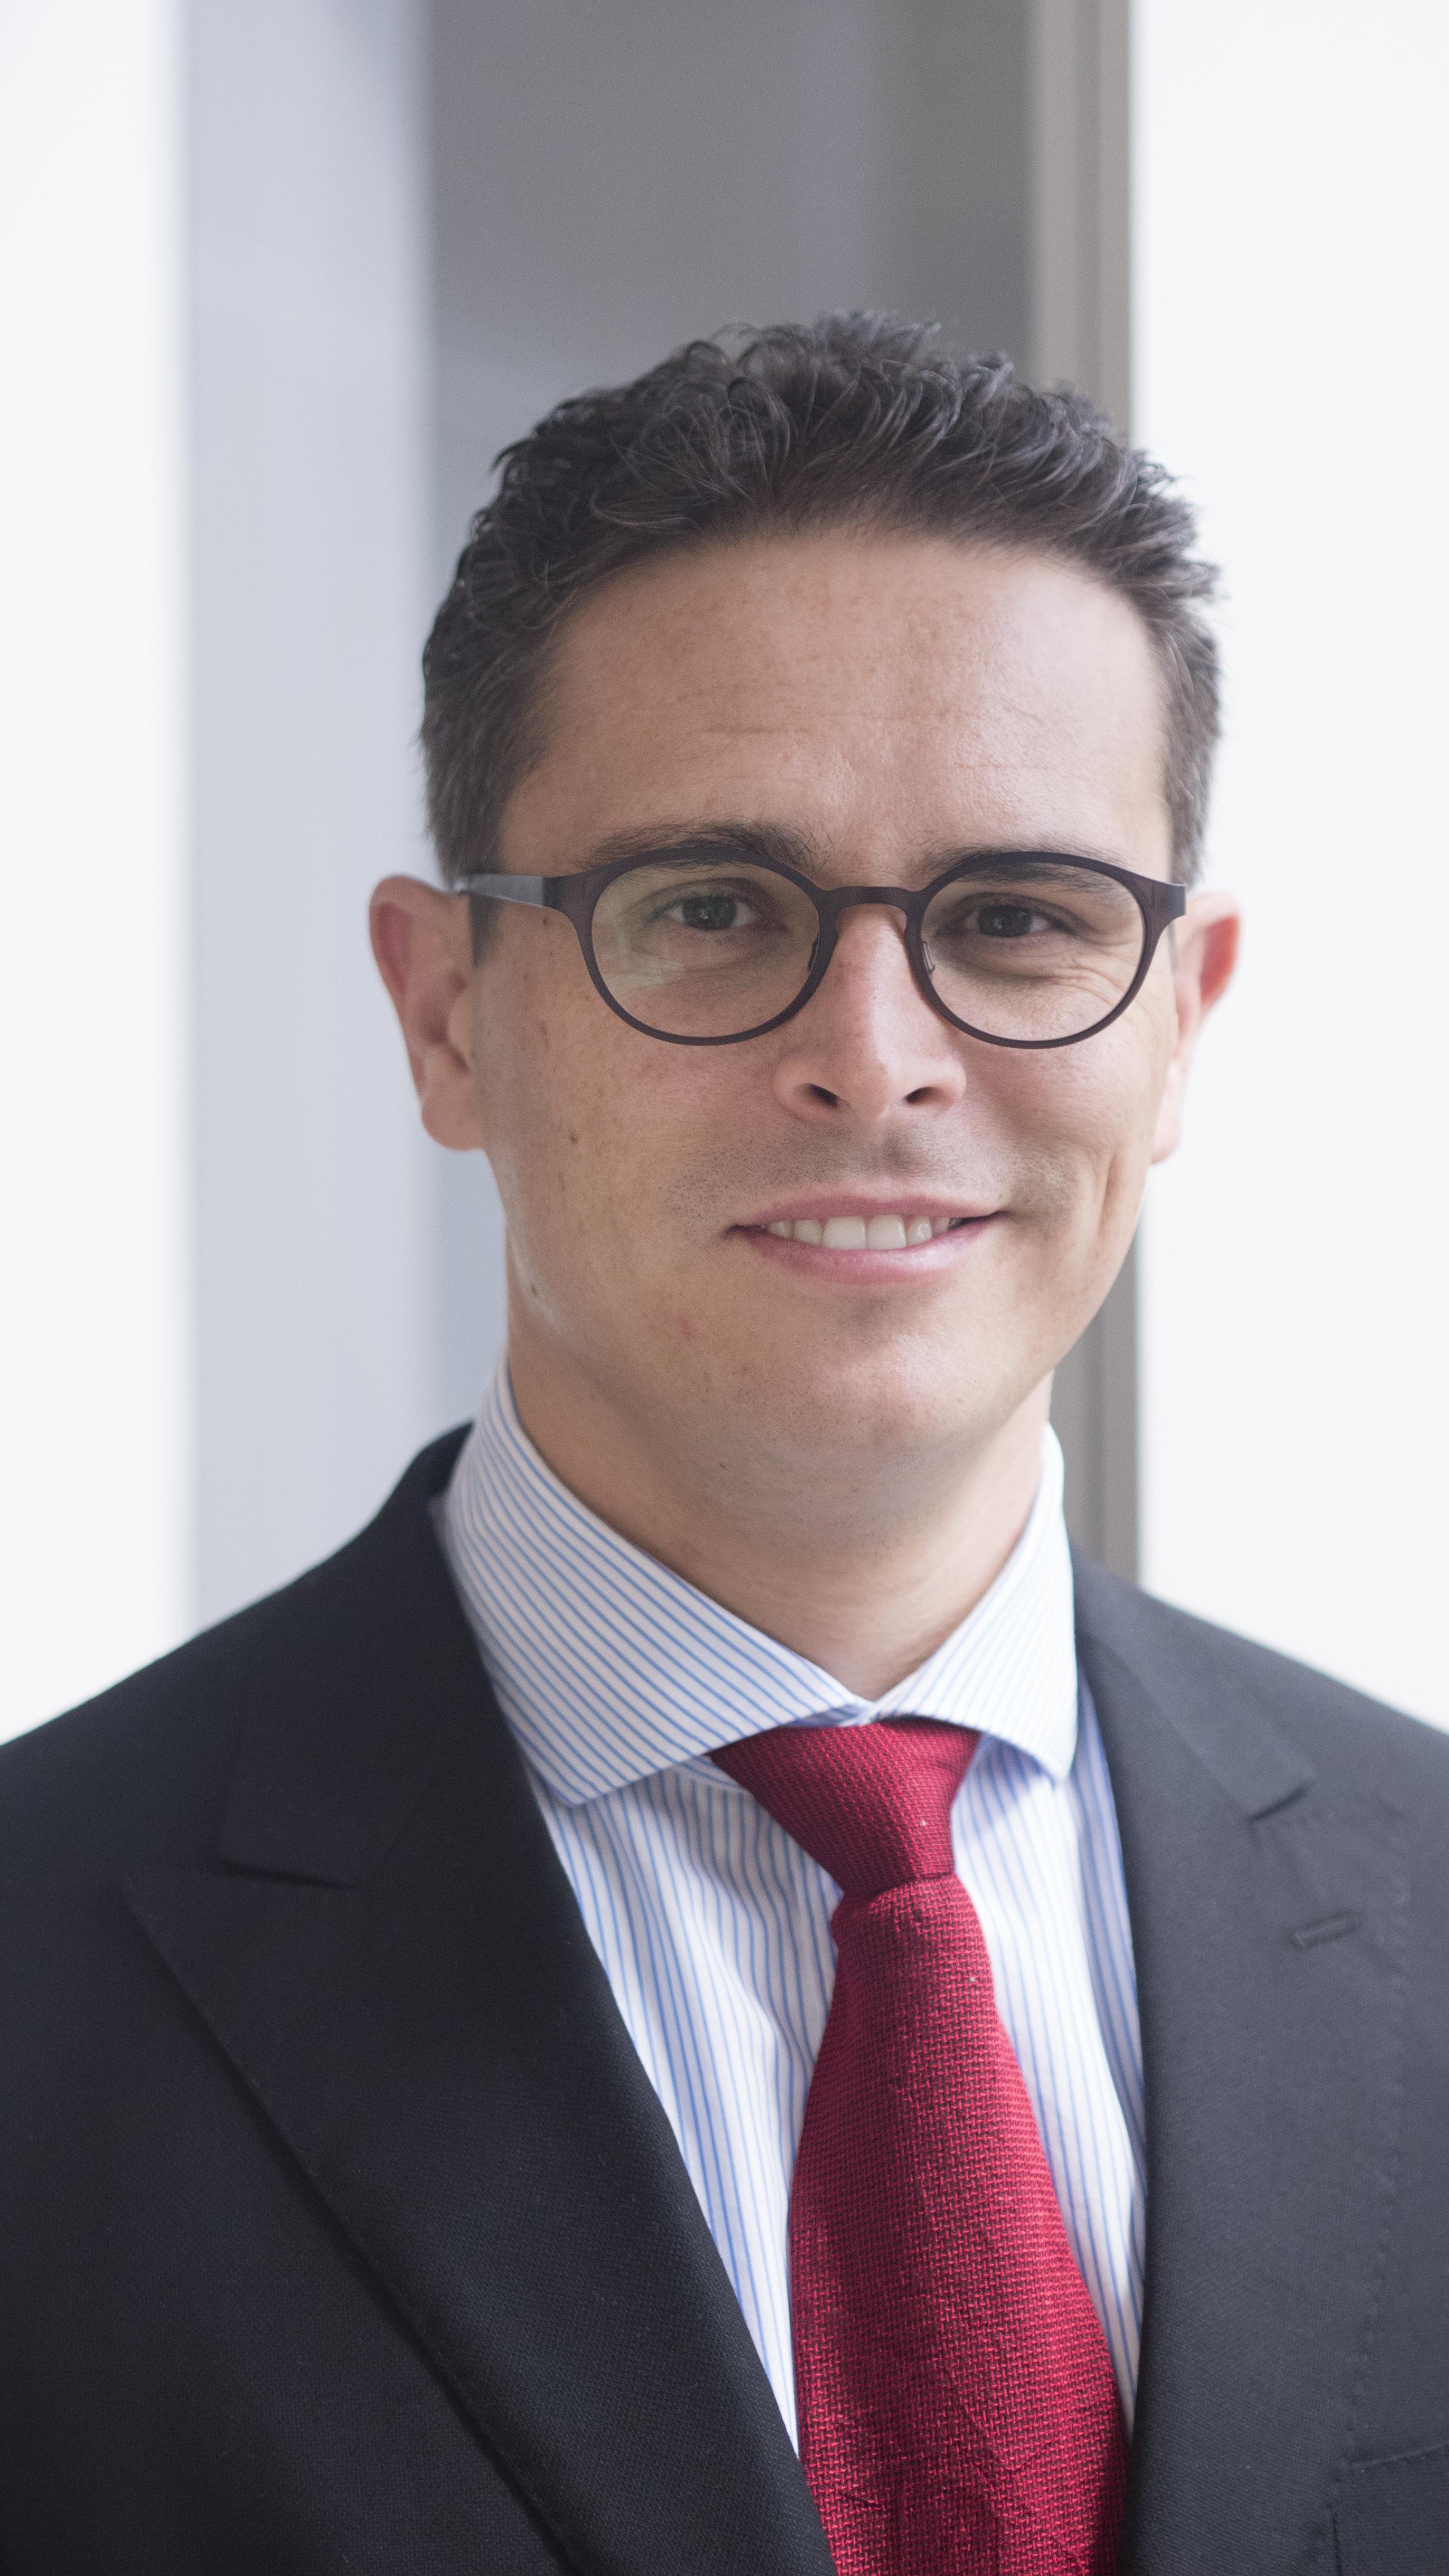 Prof. Vito Mollica